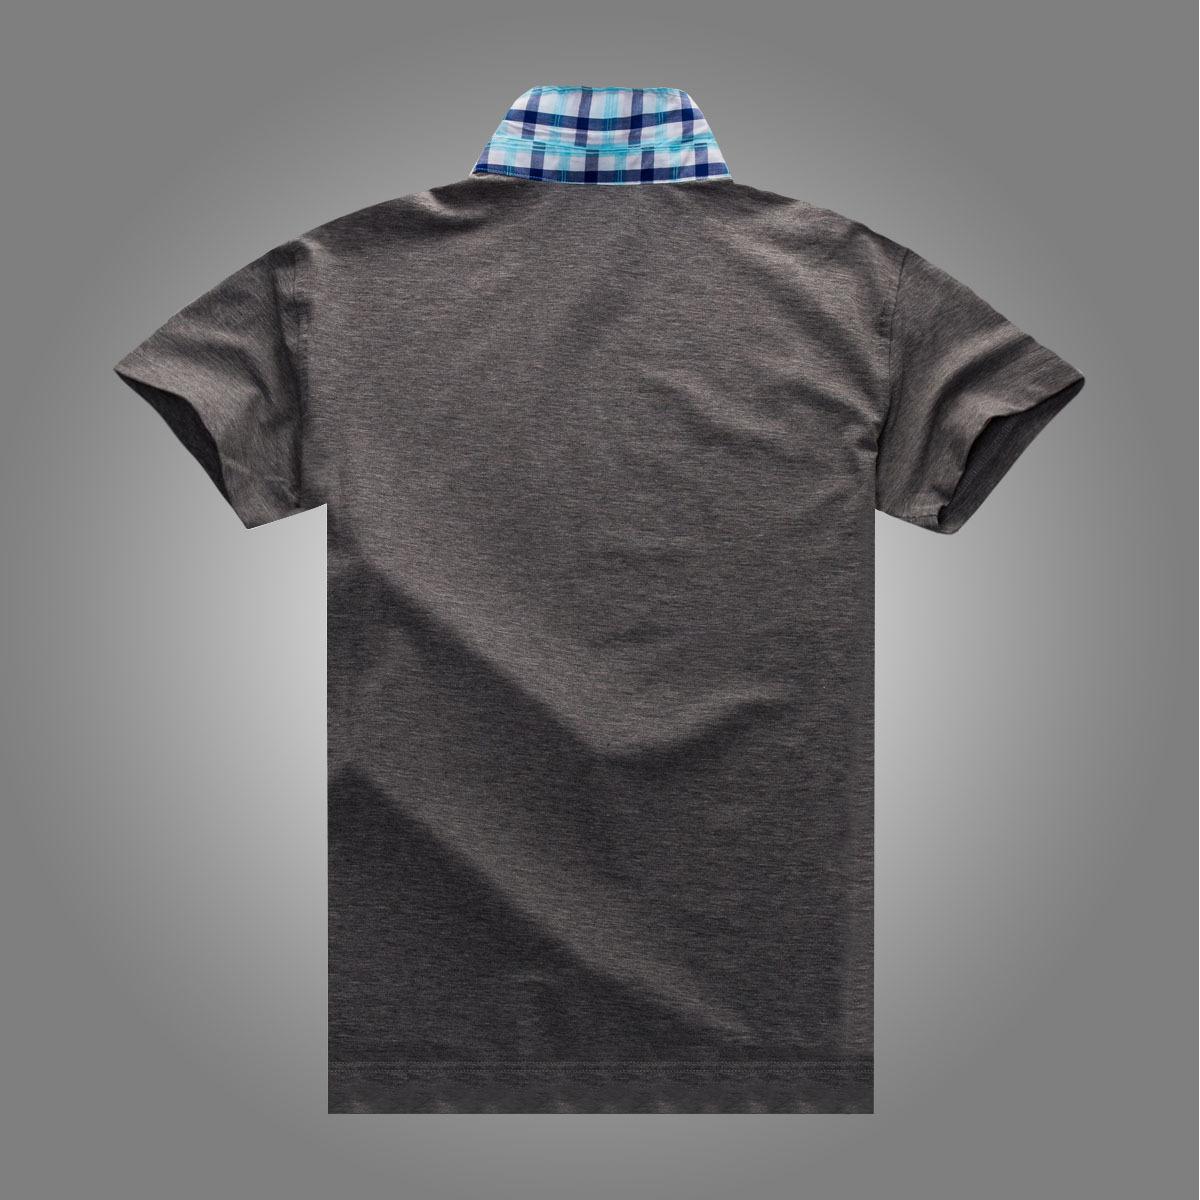 男士 新款 翻领/多比伦服饰2014夏季男装翻领新款男式t恤全棉男士短袖8502